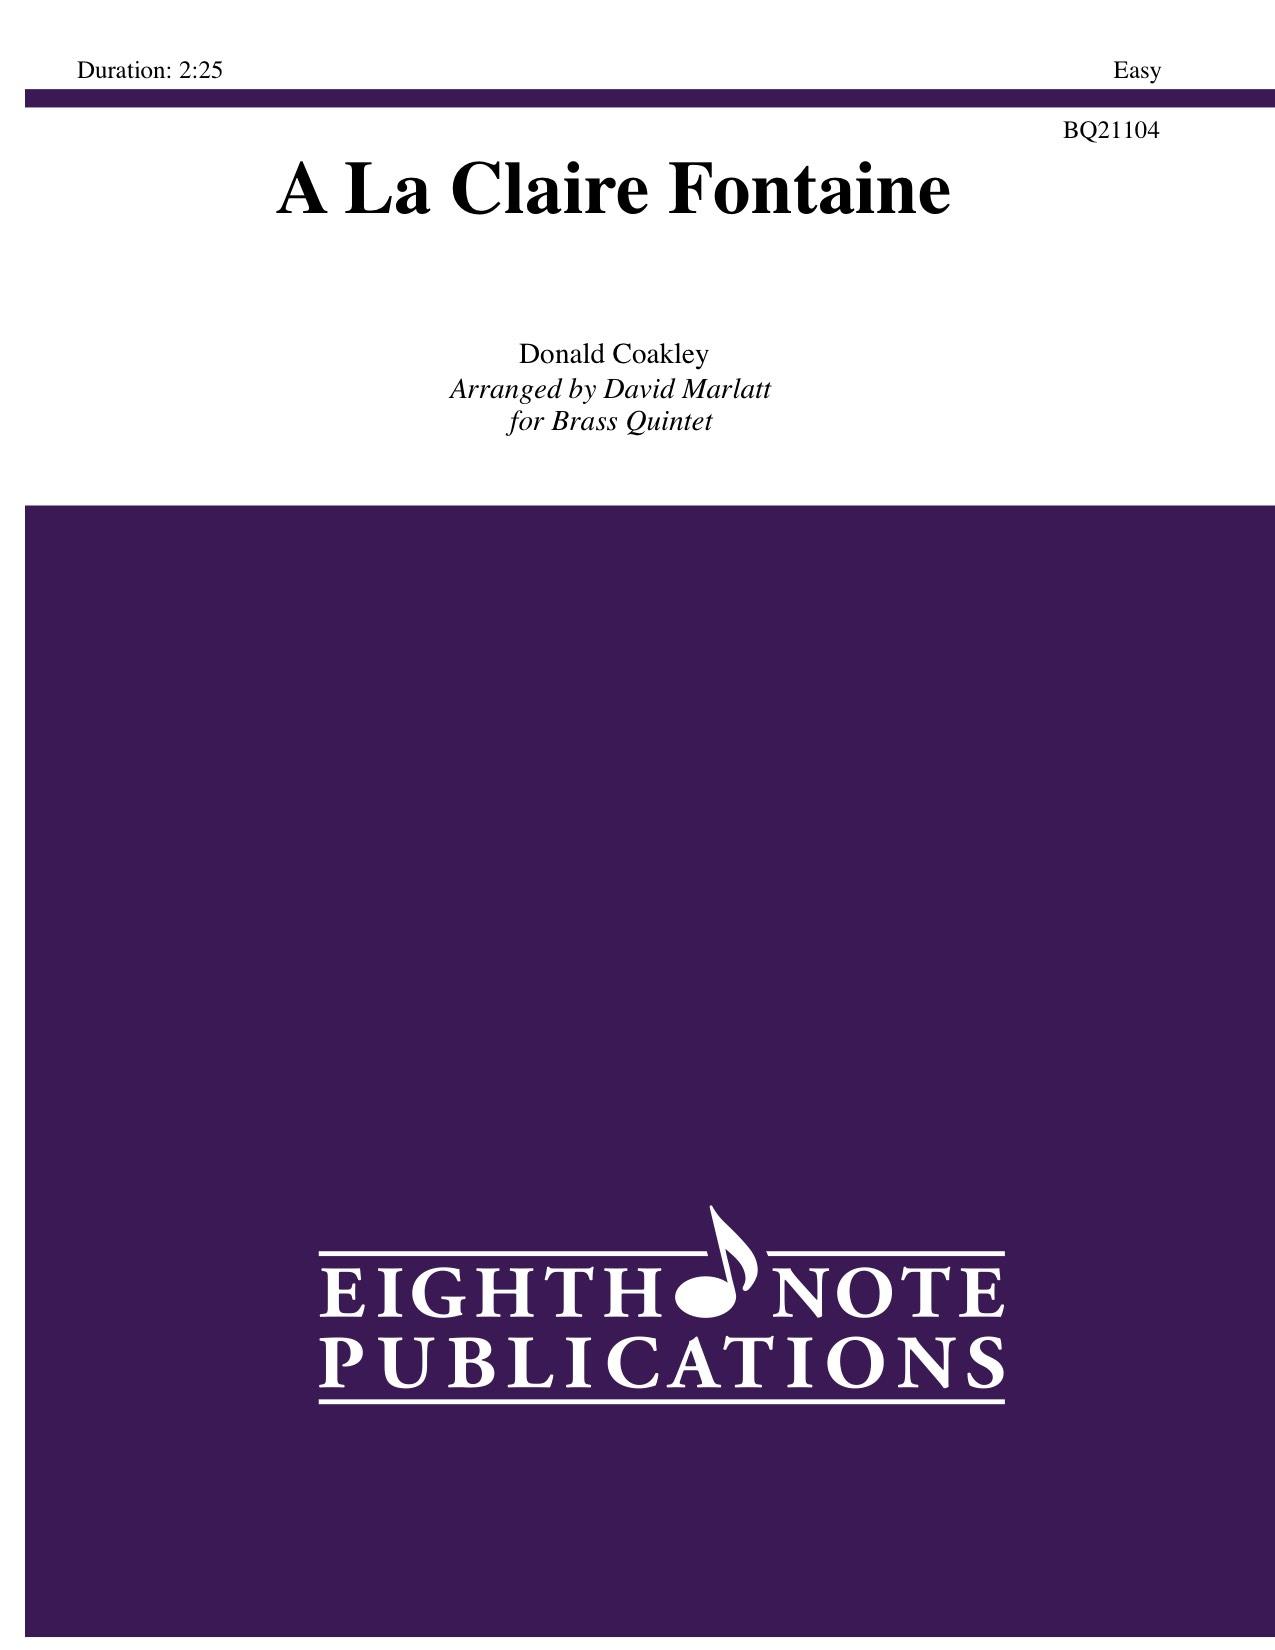 A La Claire Fontaine - Donald Coakley